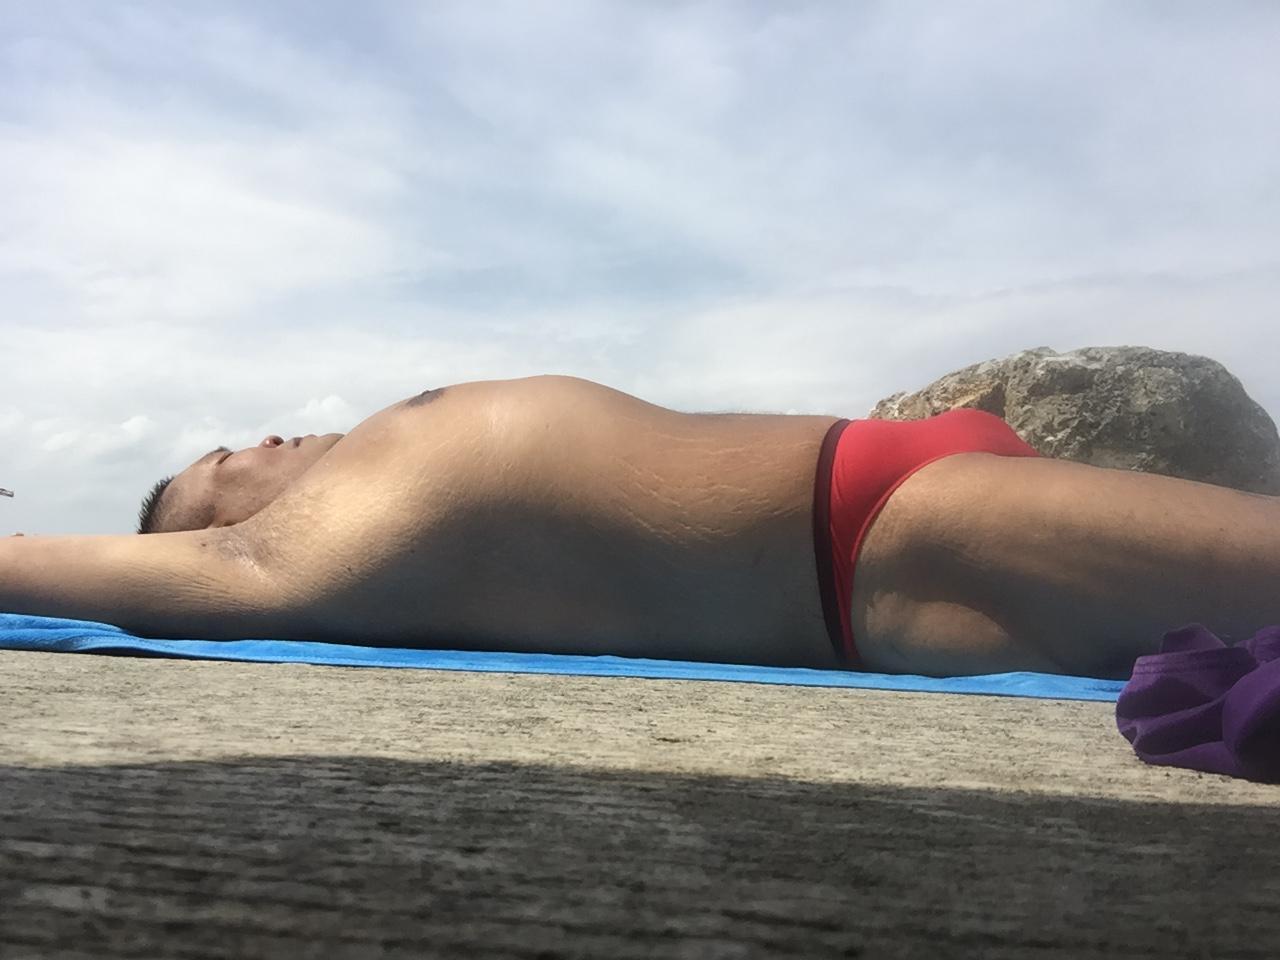 Bikini sun bather (189/218)